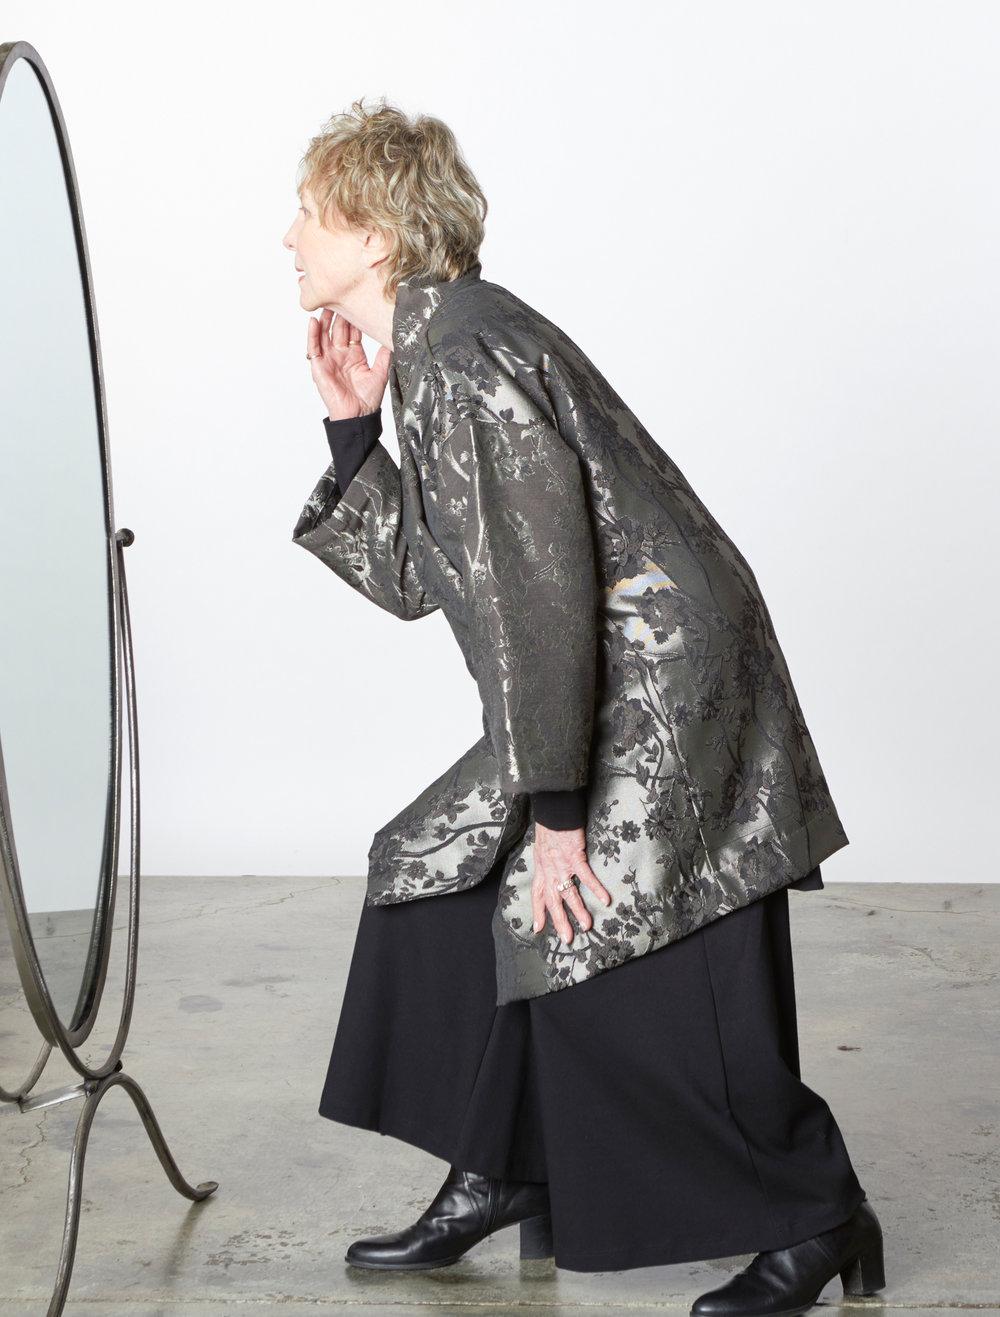 Franca Jacket in Silver Broccatello Fiori, Ella Pant in Black Modal Ponti